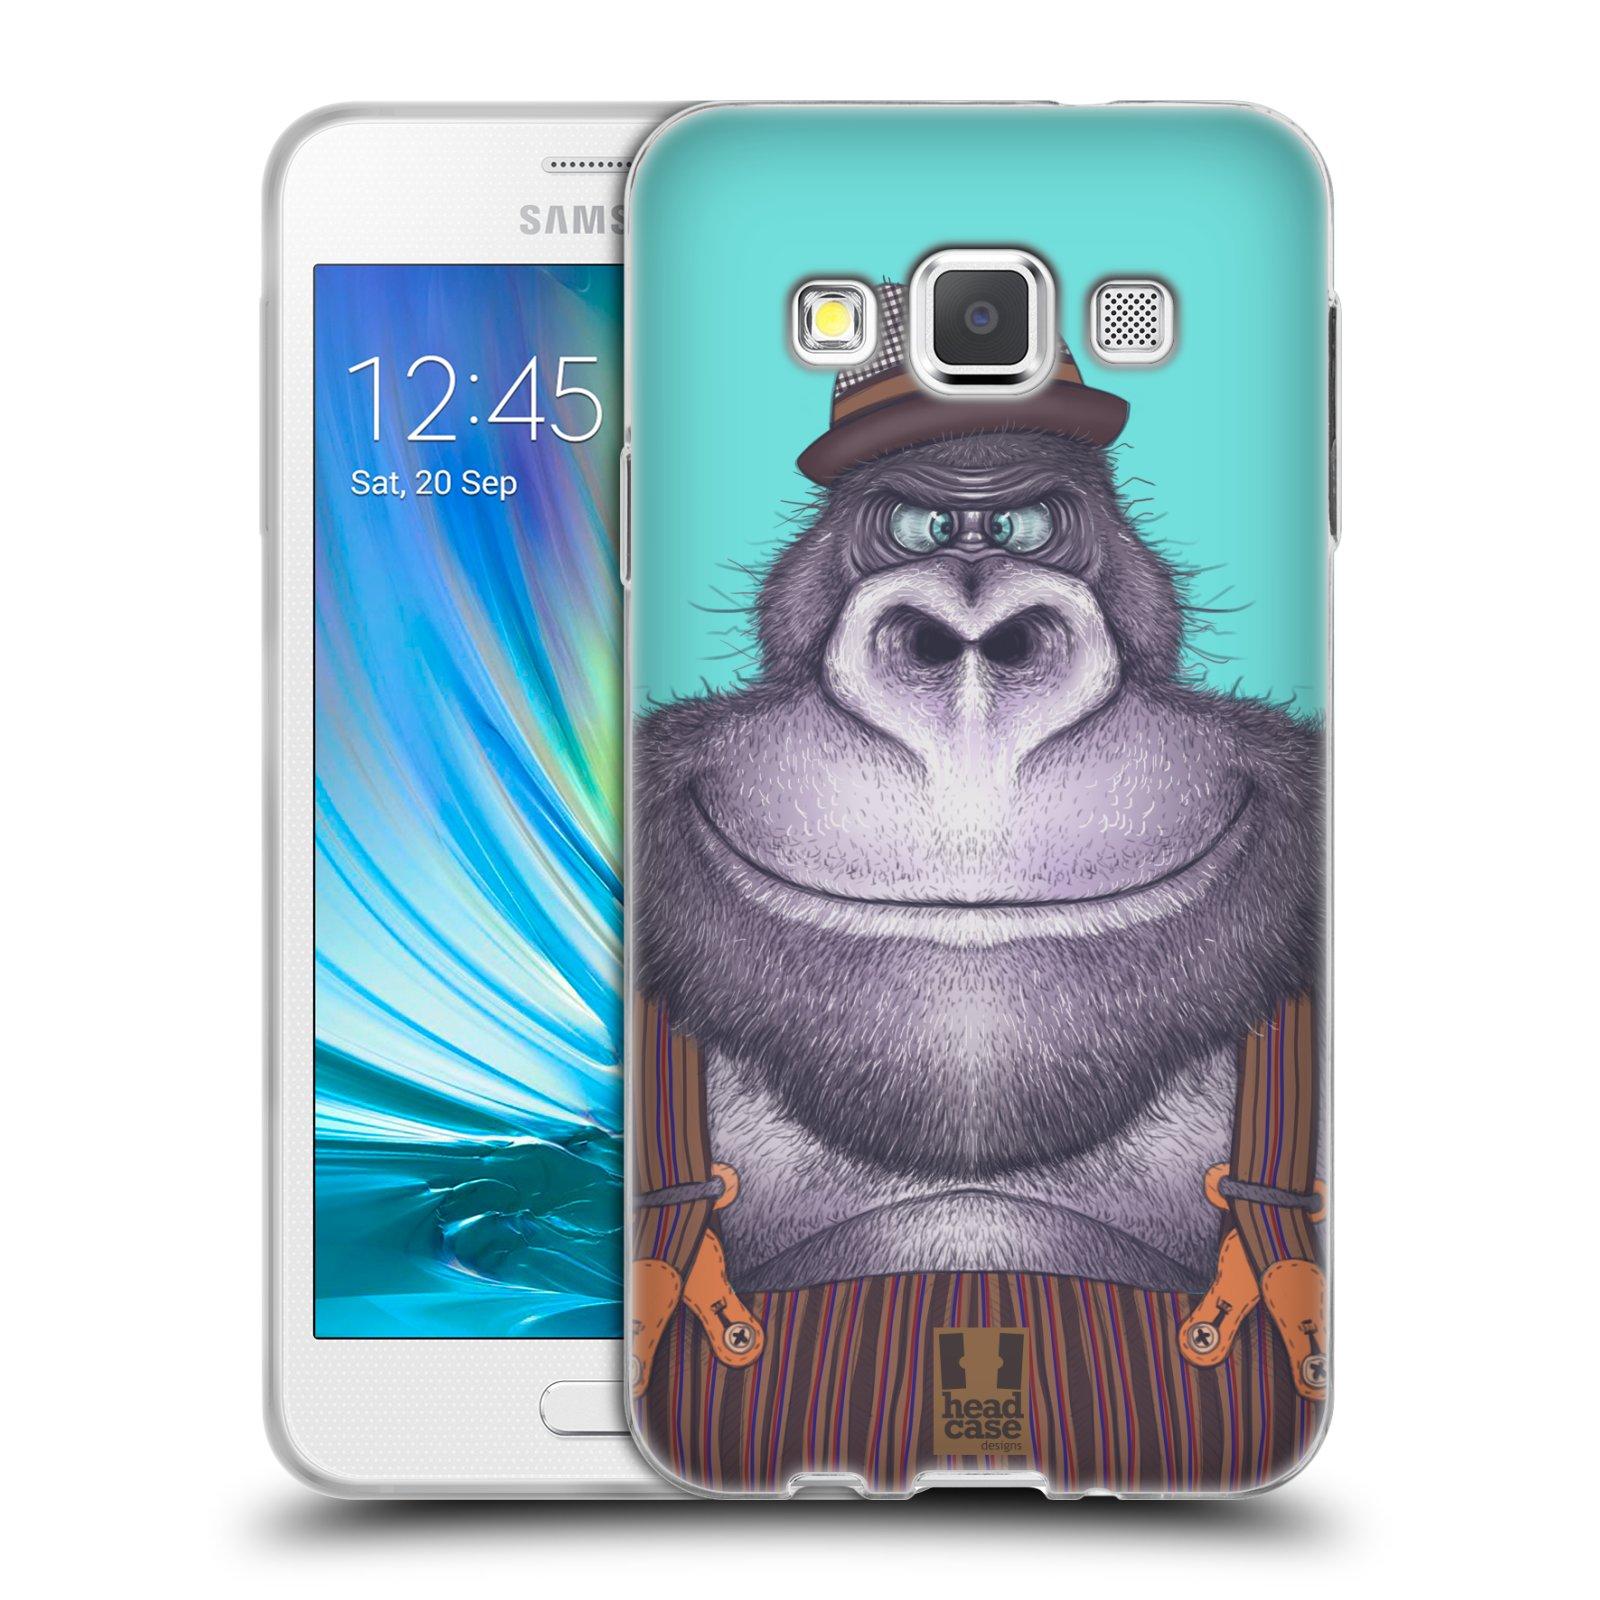 HEAD CASE silikonový obal na mobil Samsung Galaxy A3 vzor Kreslená zvířátka gorila